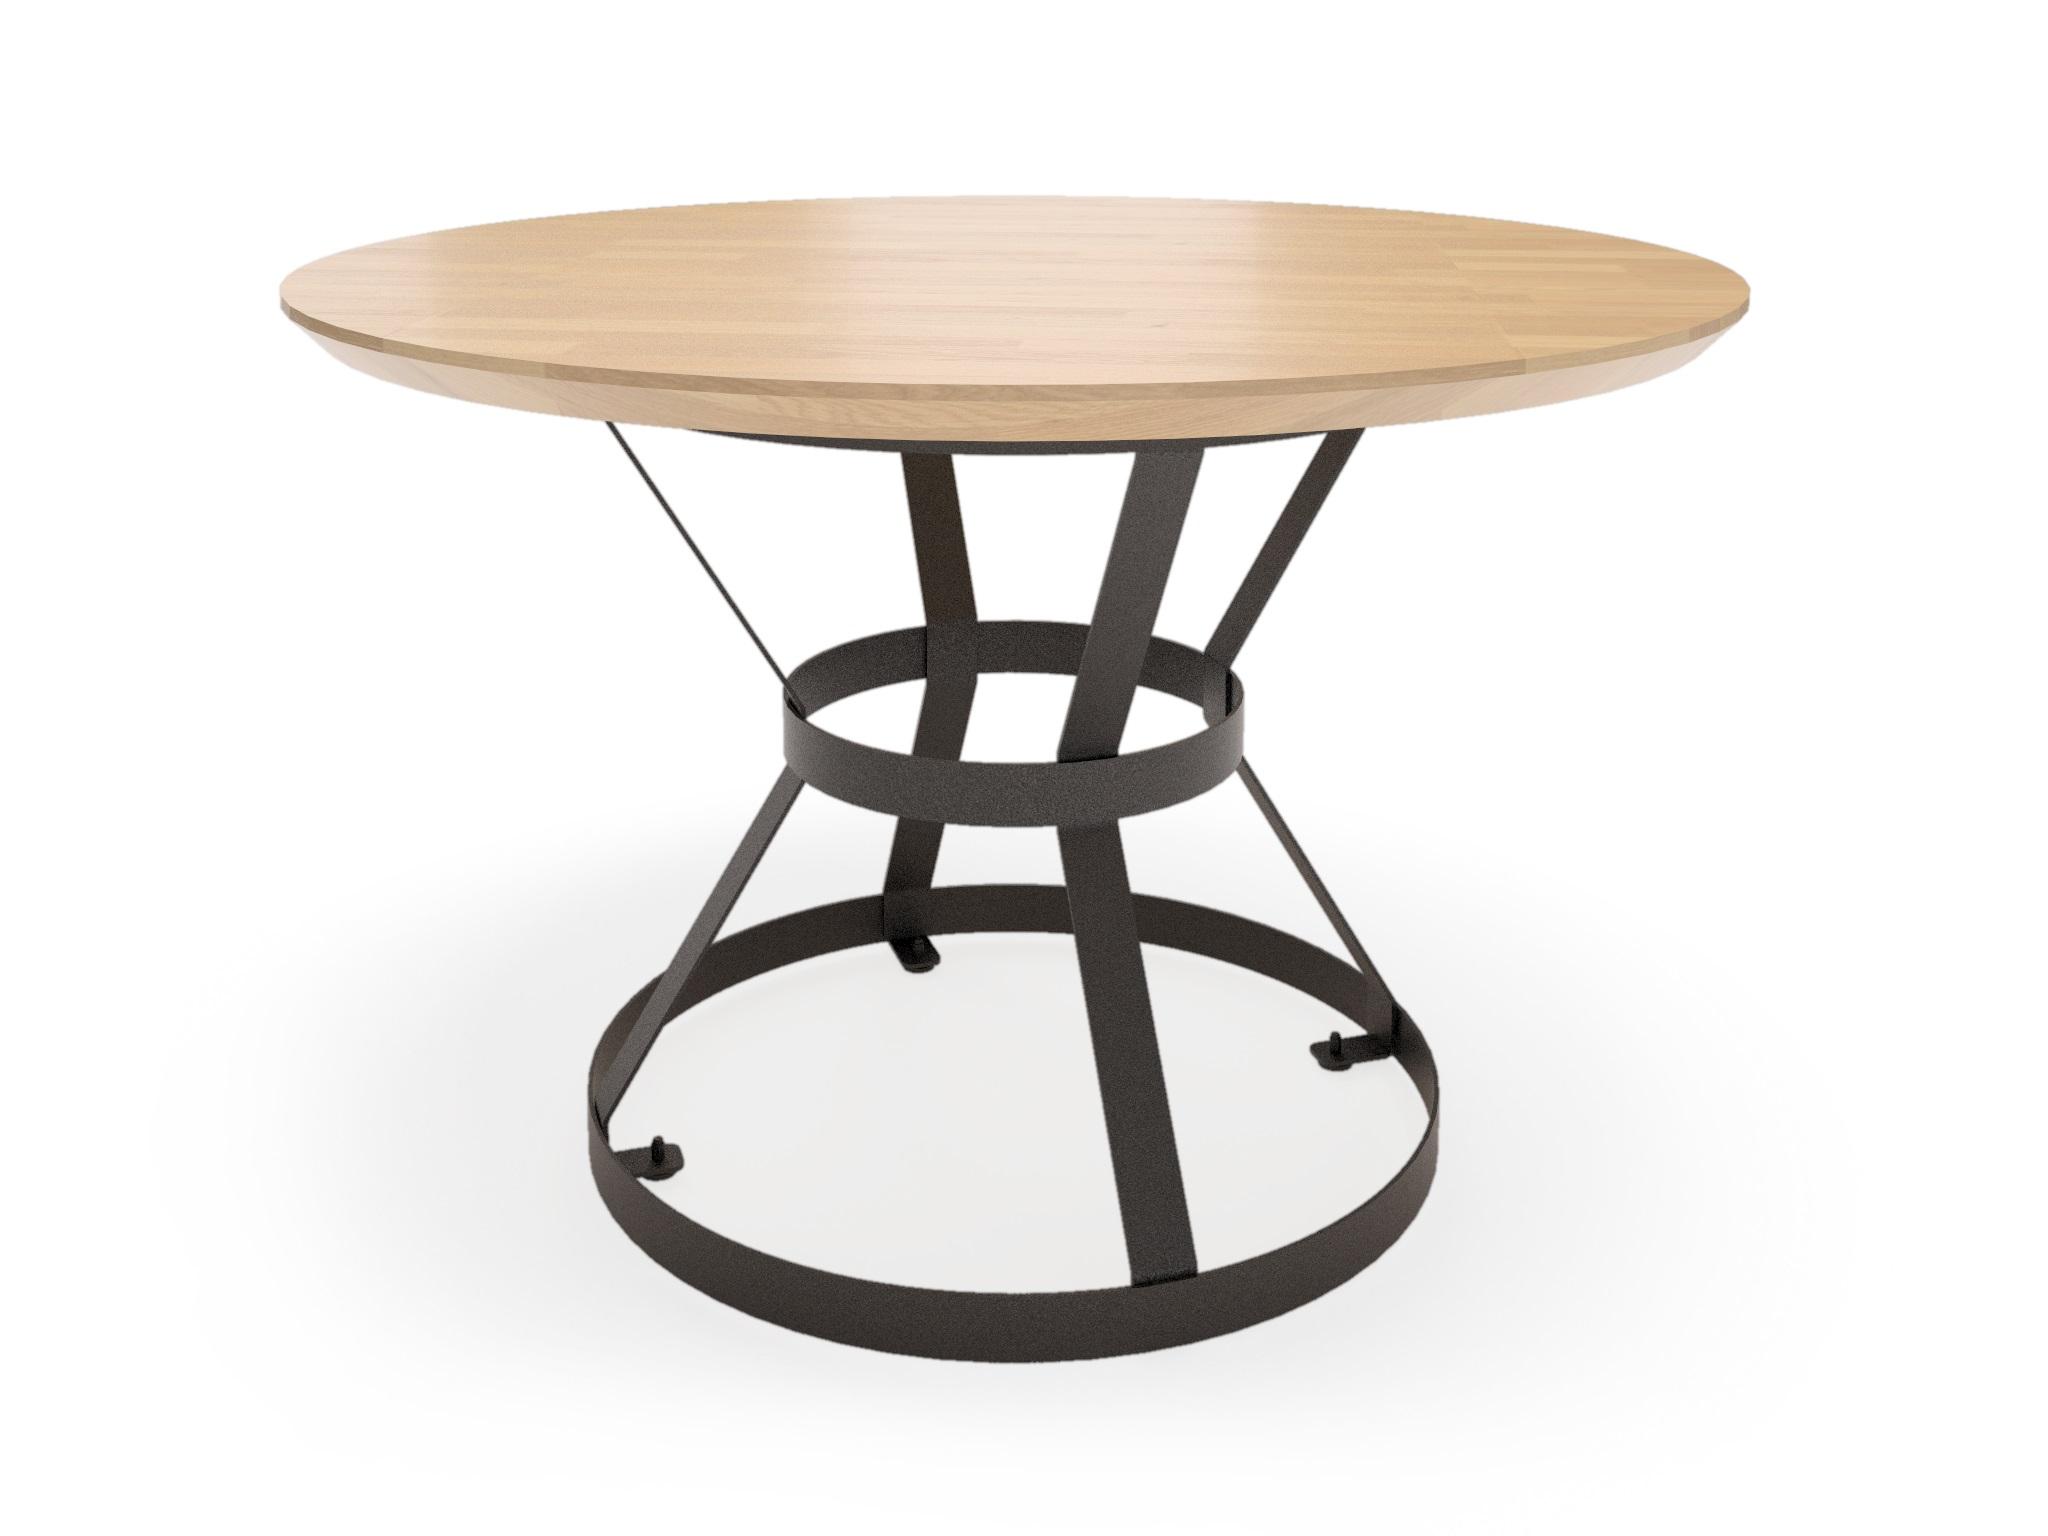 Стол ЛофтОбеденные столы<br>Современный минималистичный дизайн, выполненная из массива дуба столешница и основание из стали делают стол уникальным.Изготавливается из натурального массива дуба. Покрывается маслами лучших мировых производителей.  Возможные цвета и размеры уточняйте у менеджера.